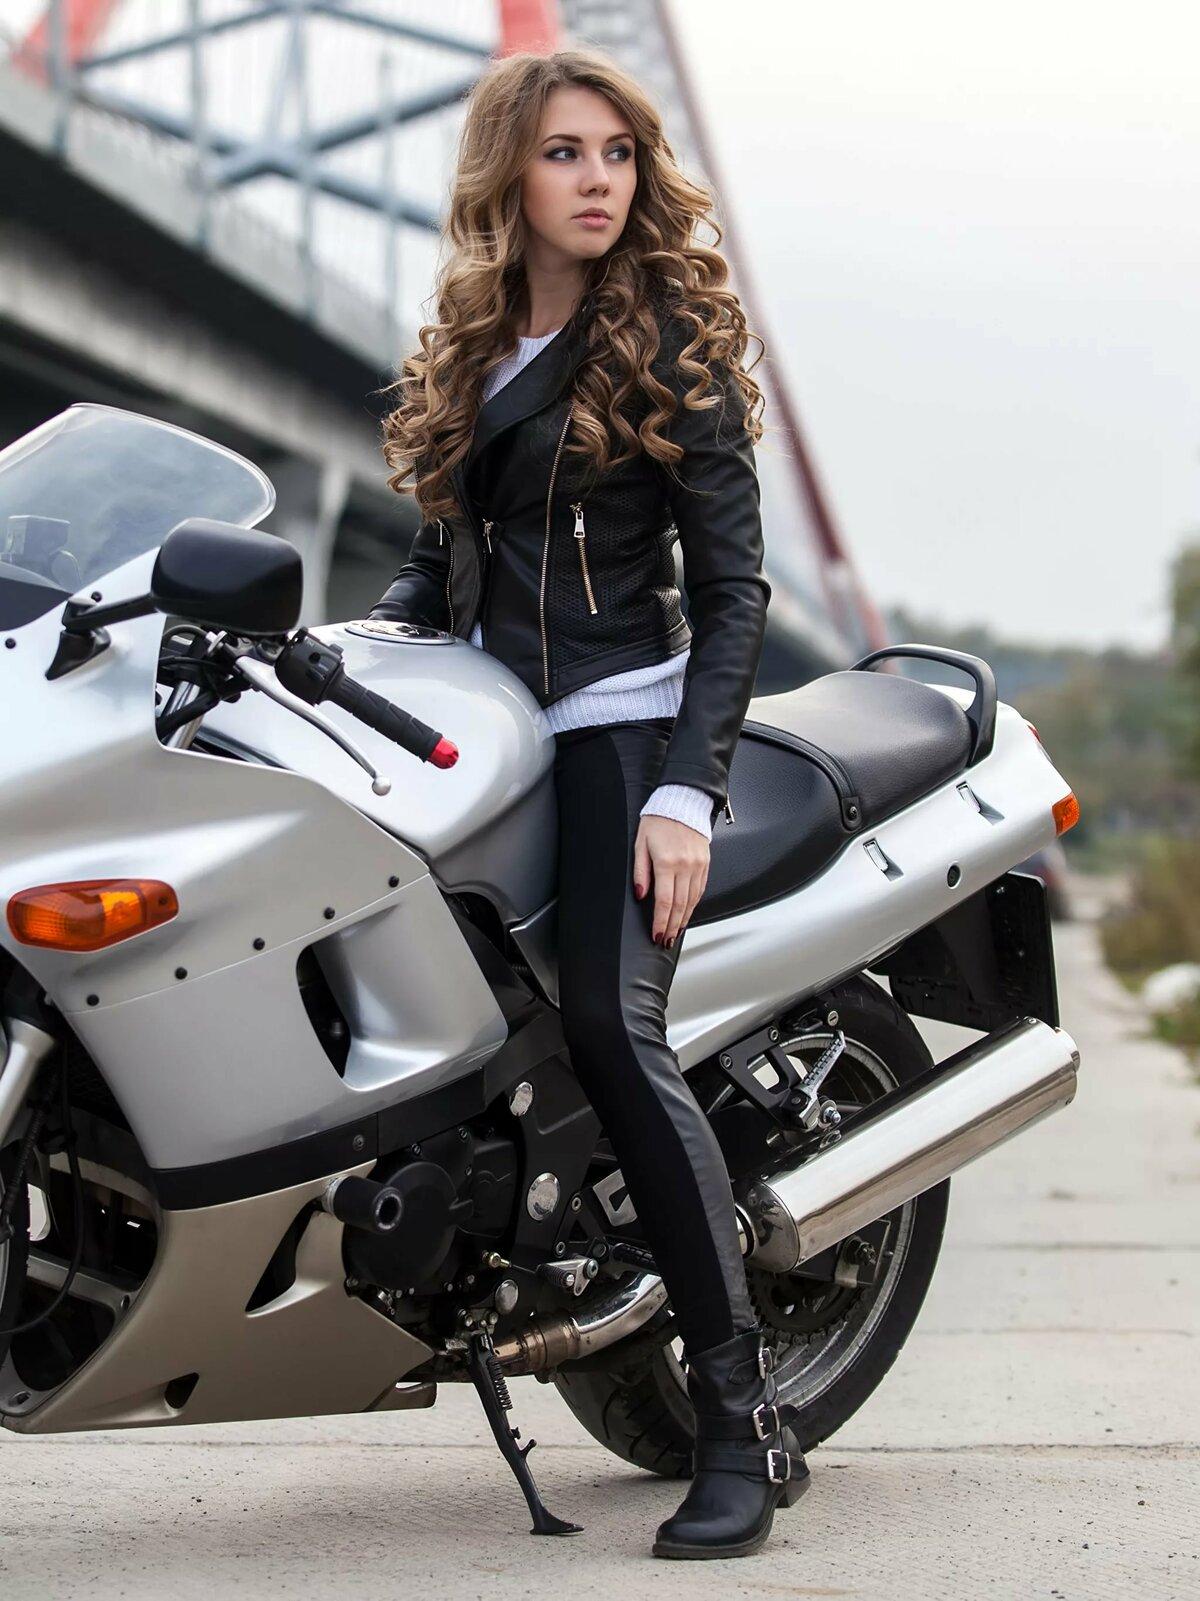 Девушка и мотоцикл картинка